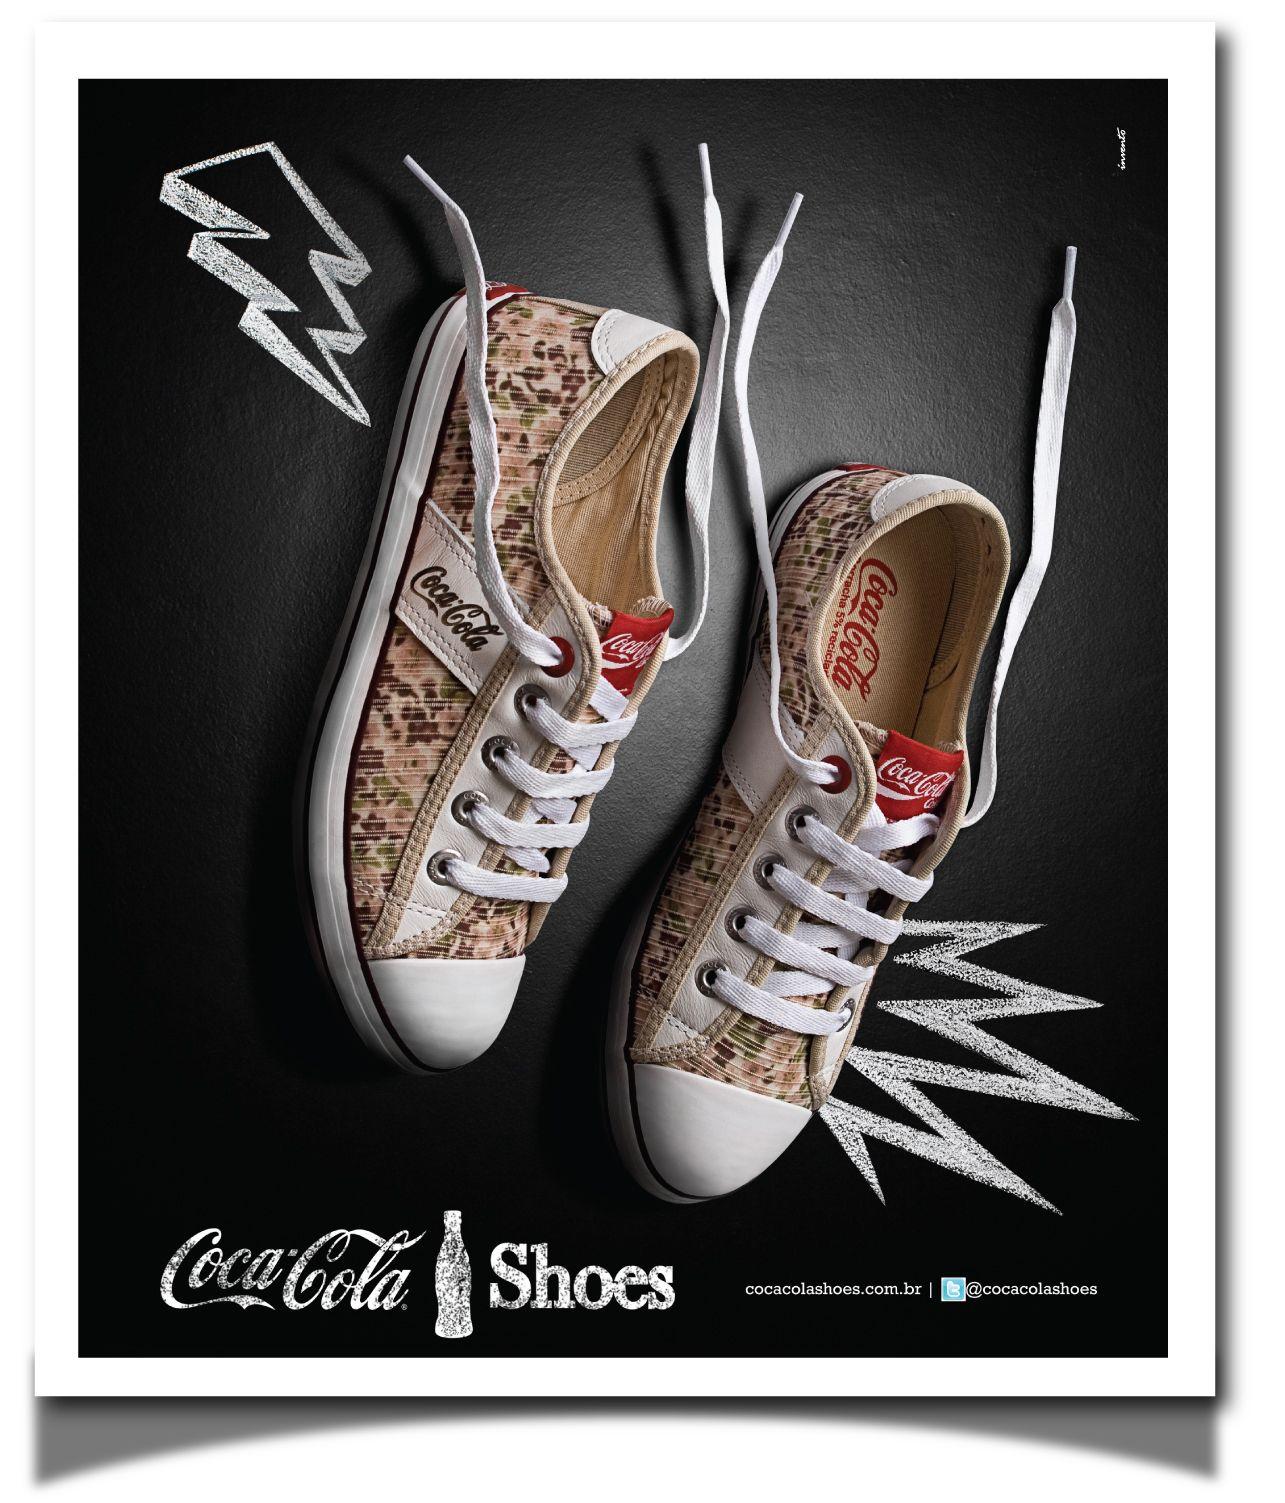 430dd12e57 Pin de Freecs em Coca-Cola Shoes